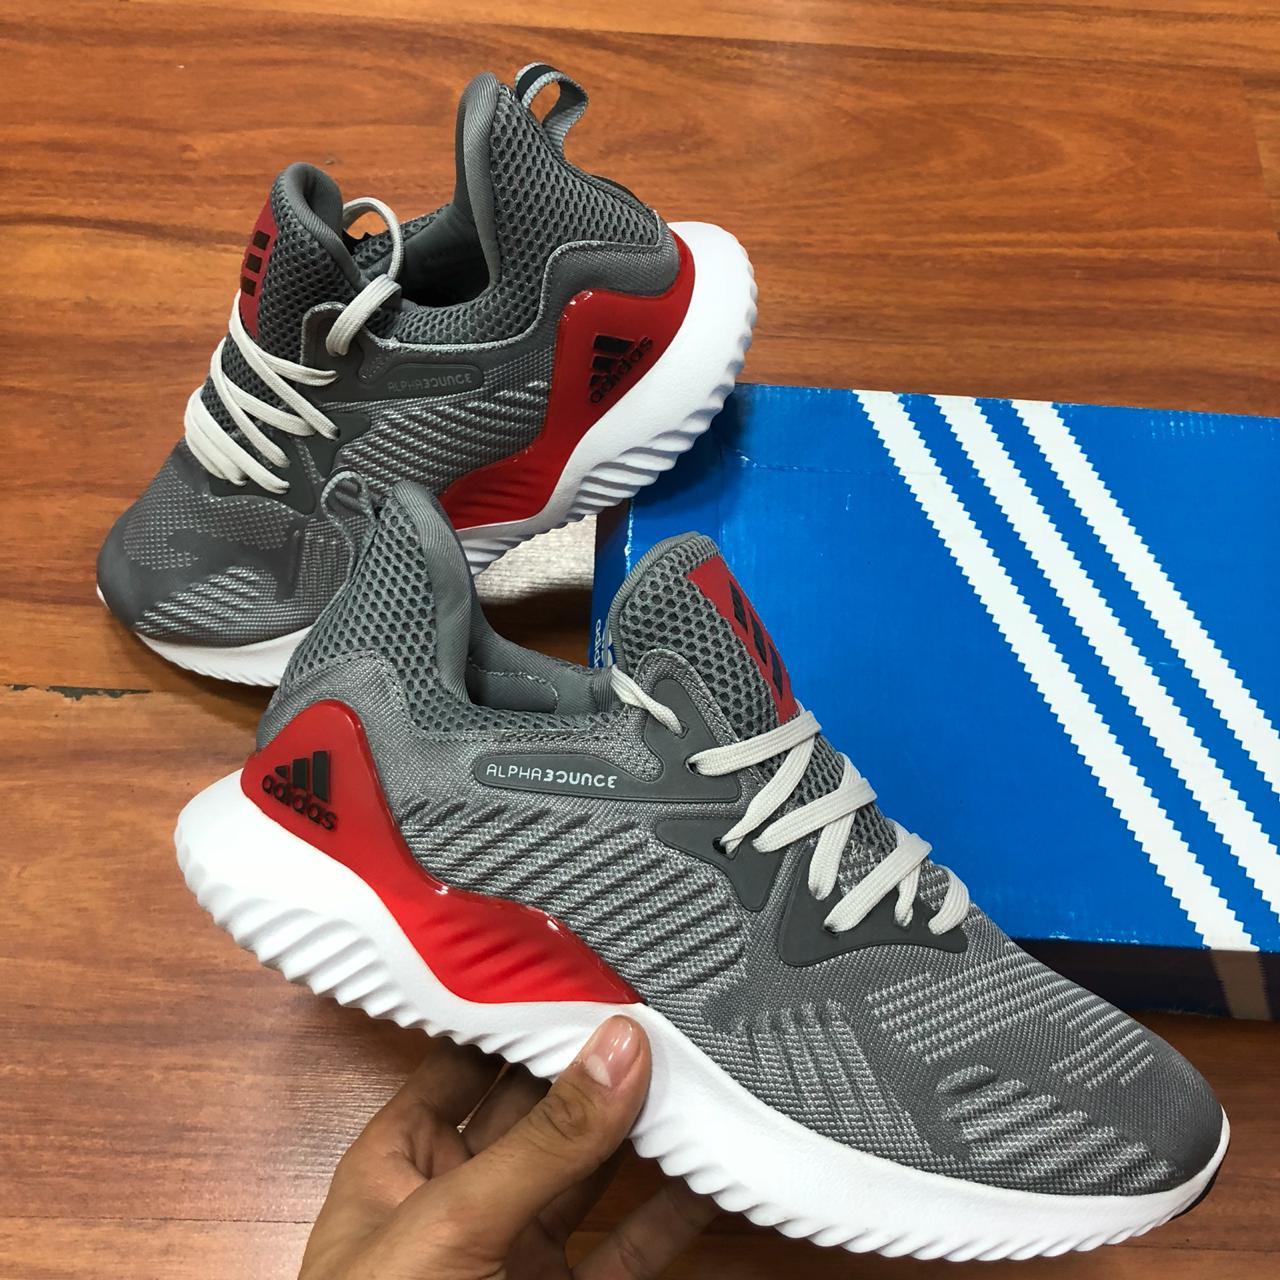 Zapatillas adidas alphabounce Importadas Caballero - Zapatillas en Cali ac09088d9a2